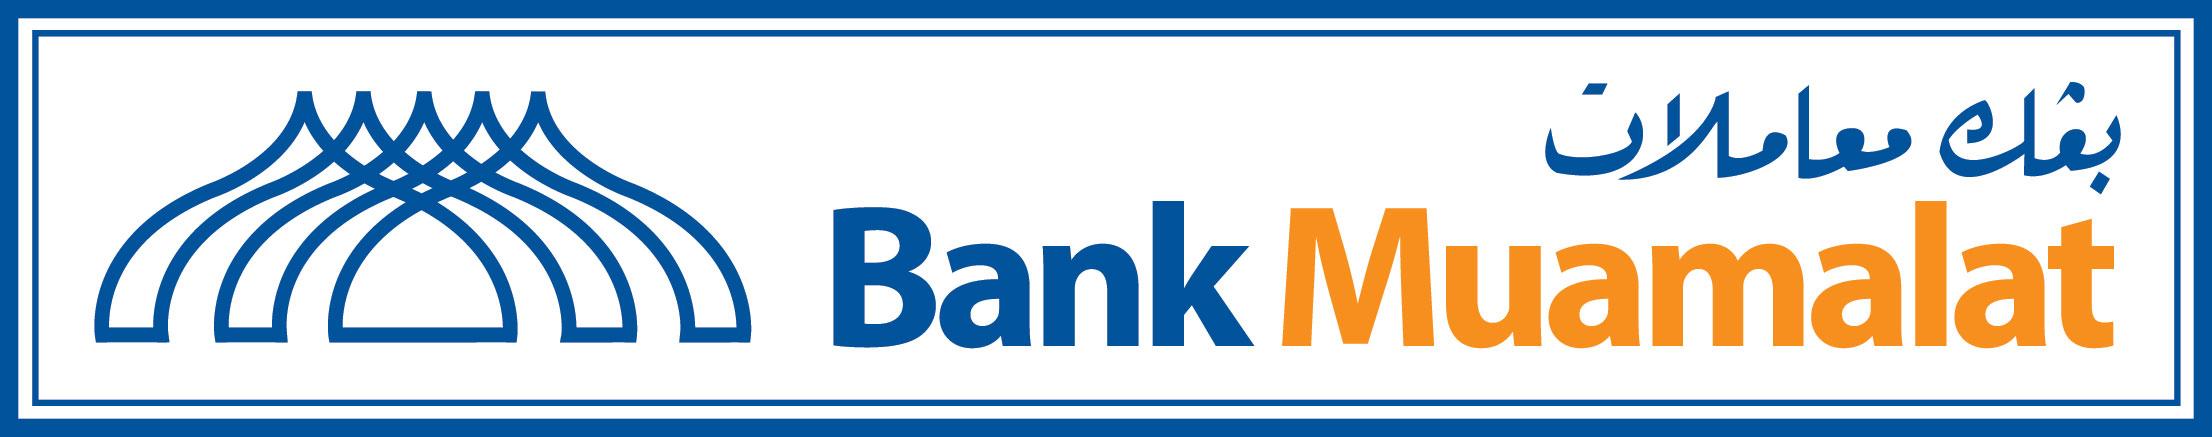 Bank Muamalat